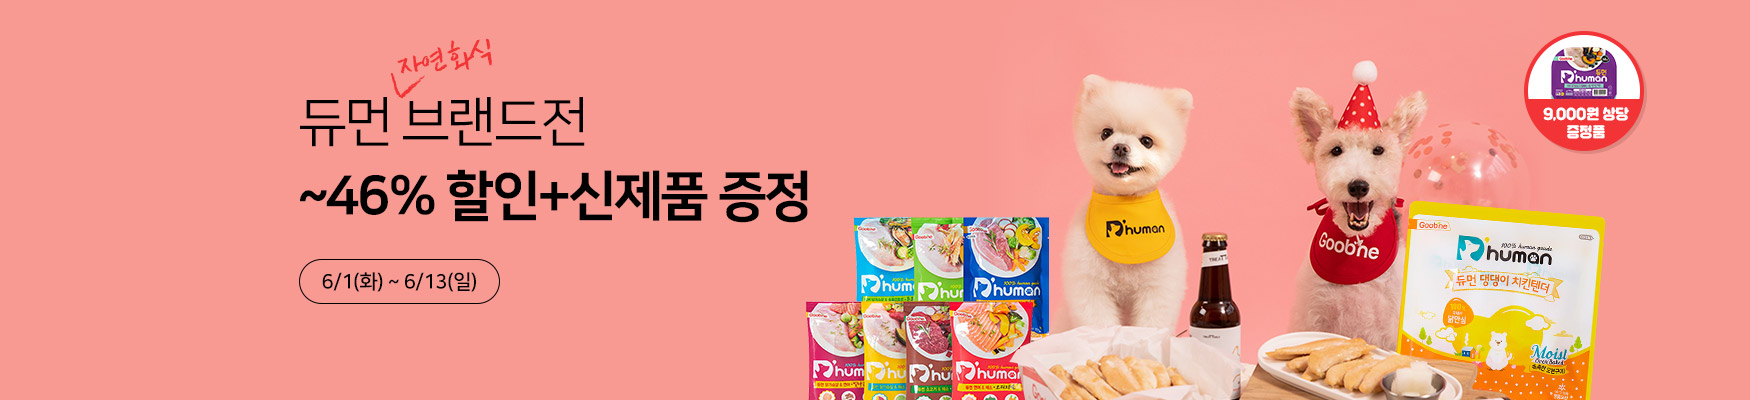 [21.6월 메인] 듀먼 할인+신상증정